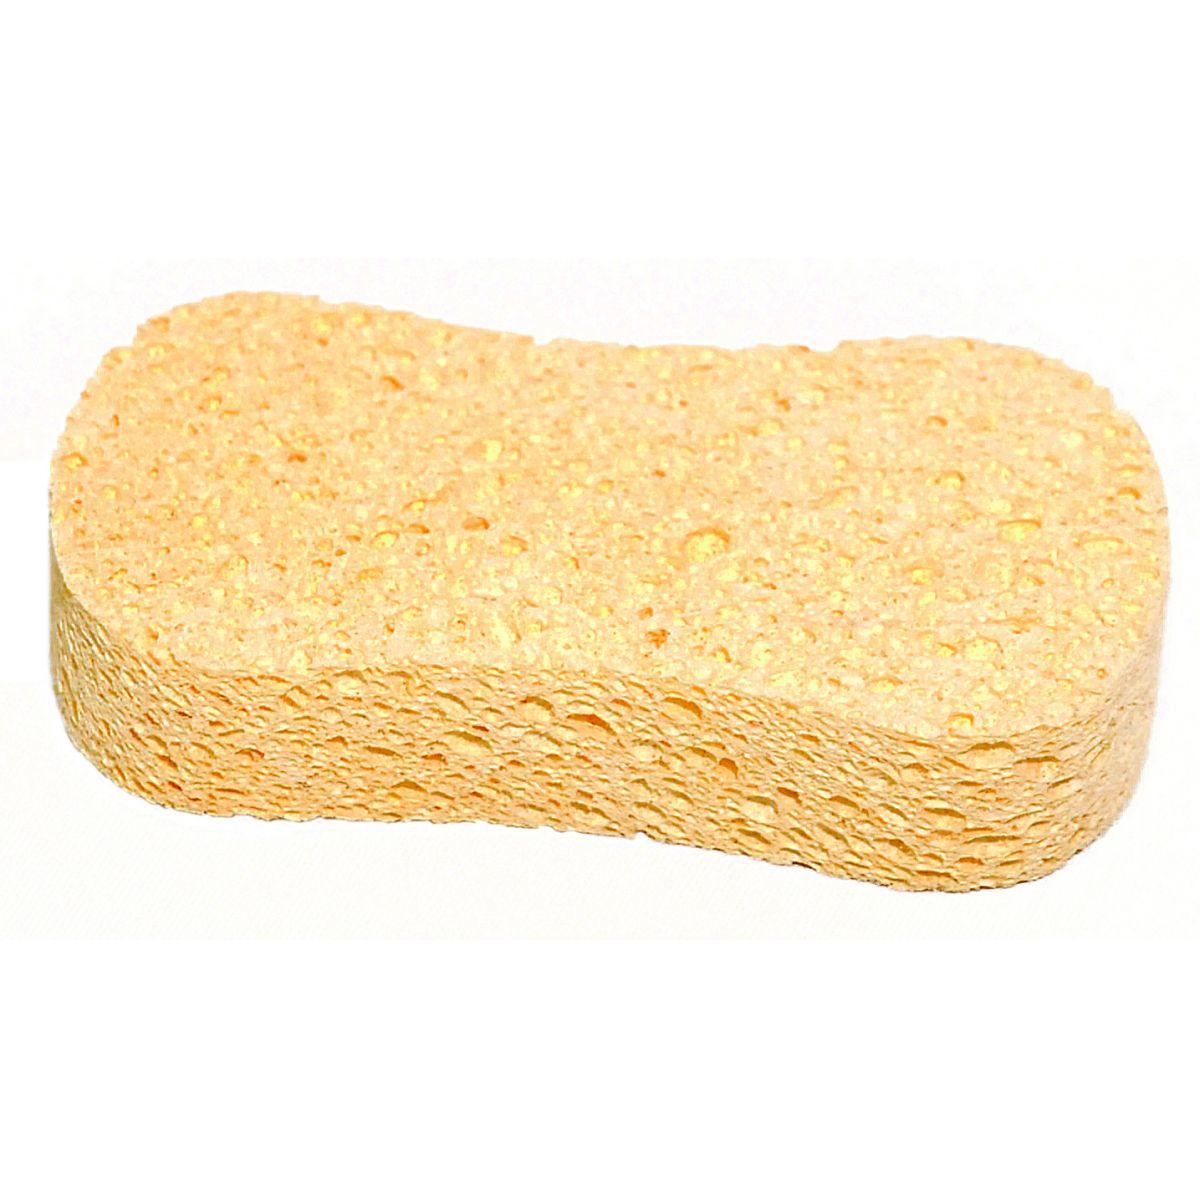 Esponja de Celulose Anatômica Banho